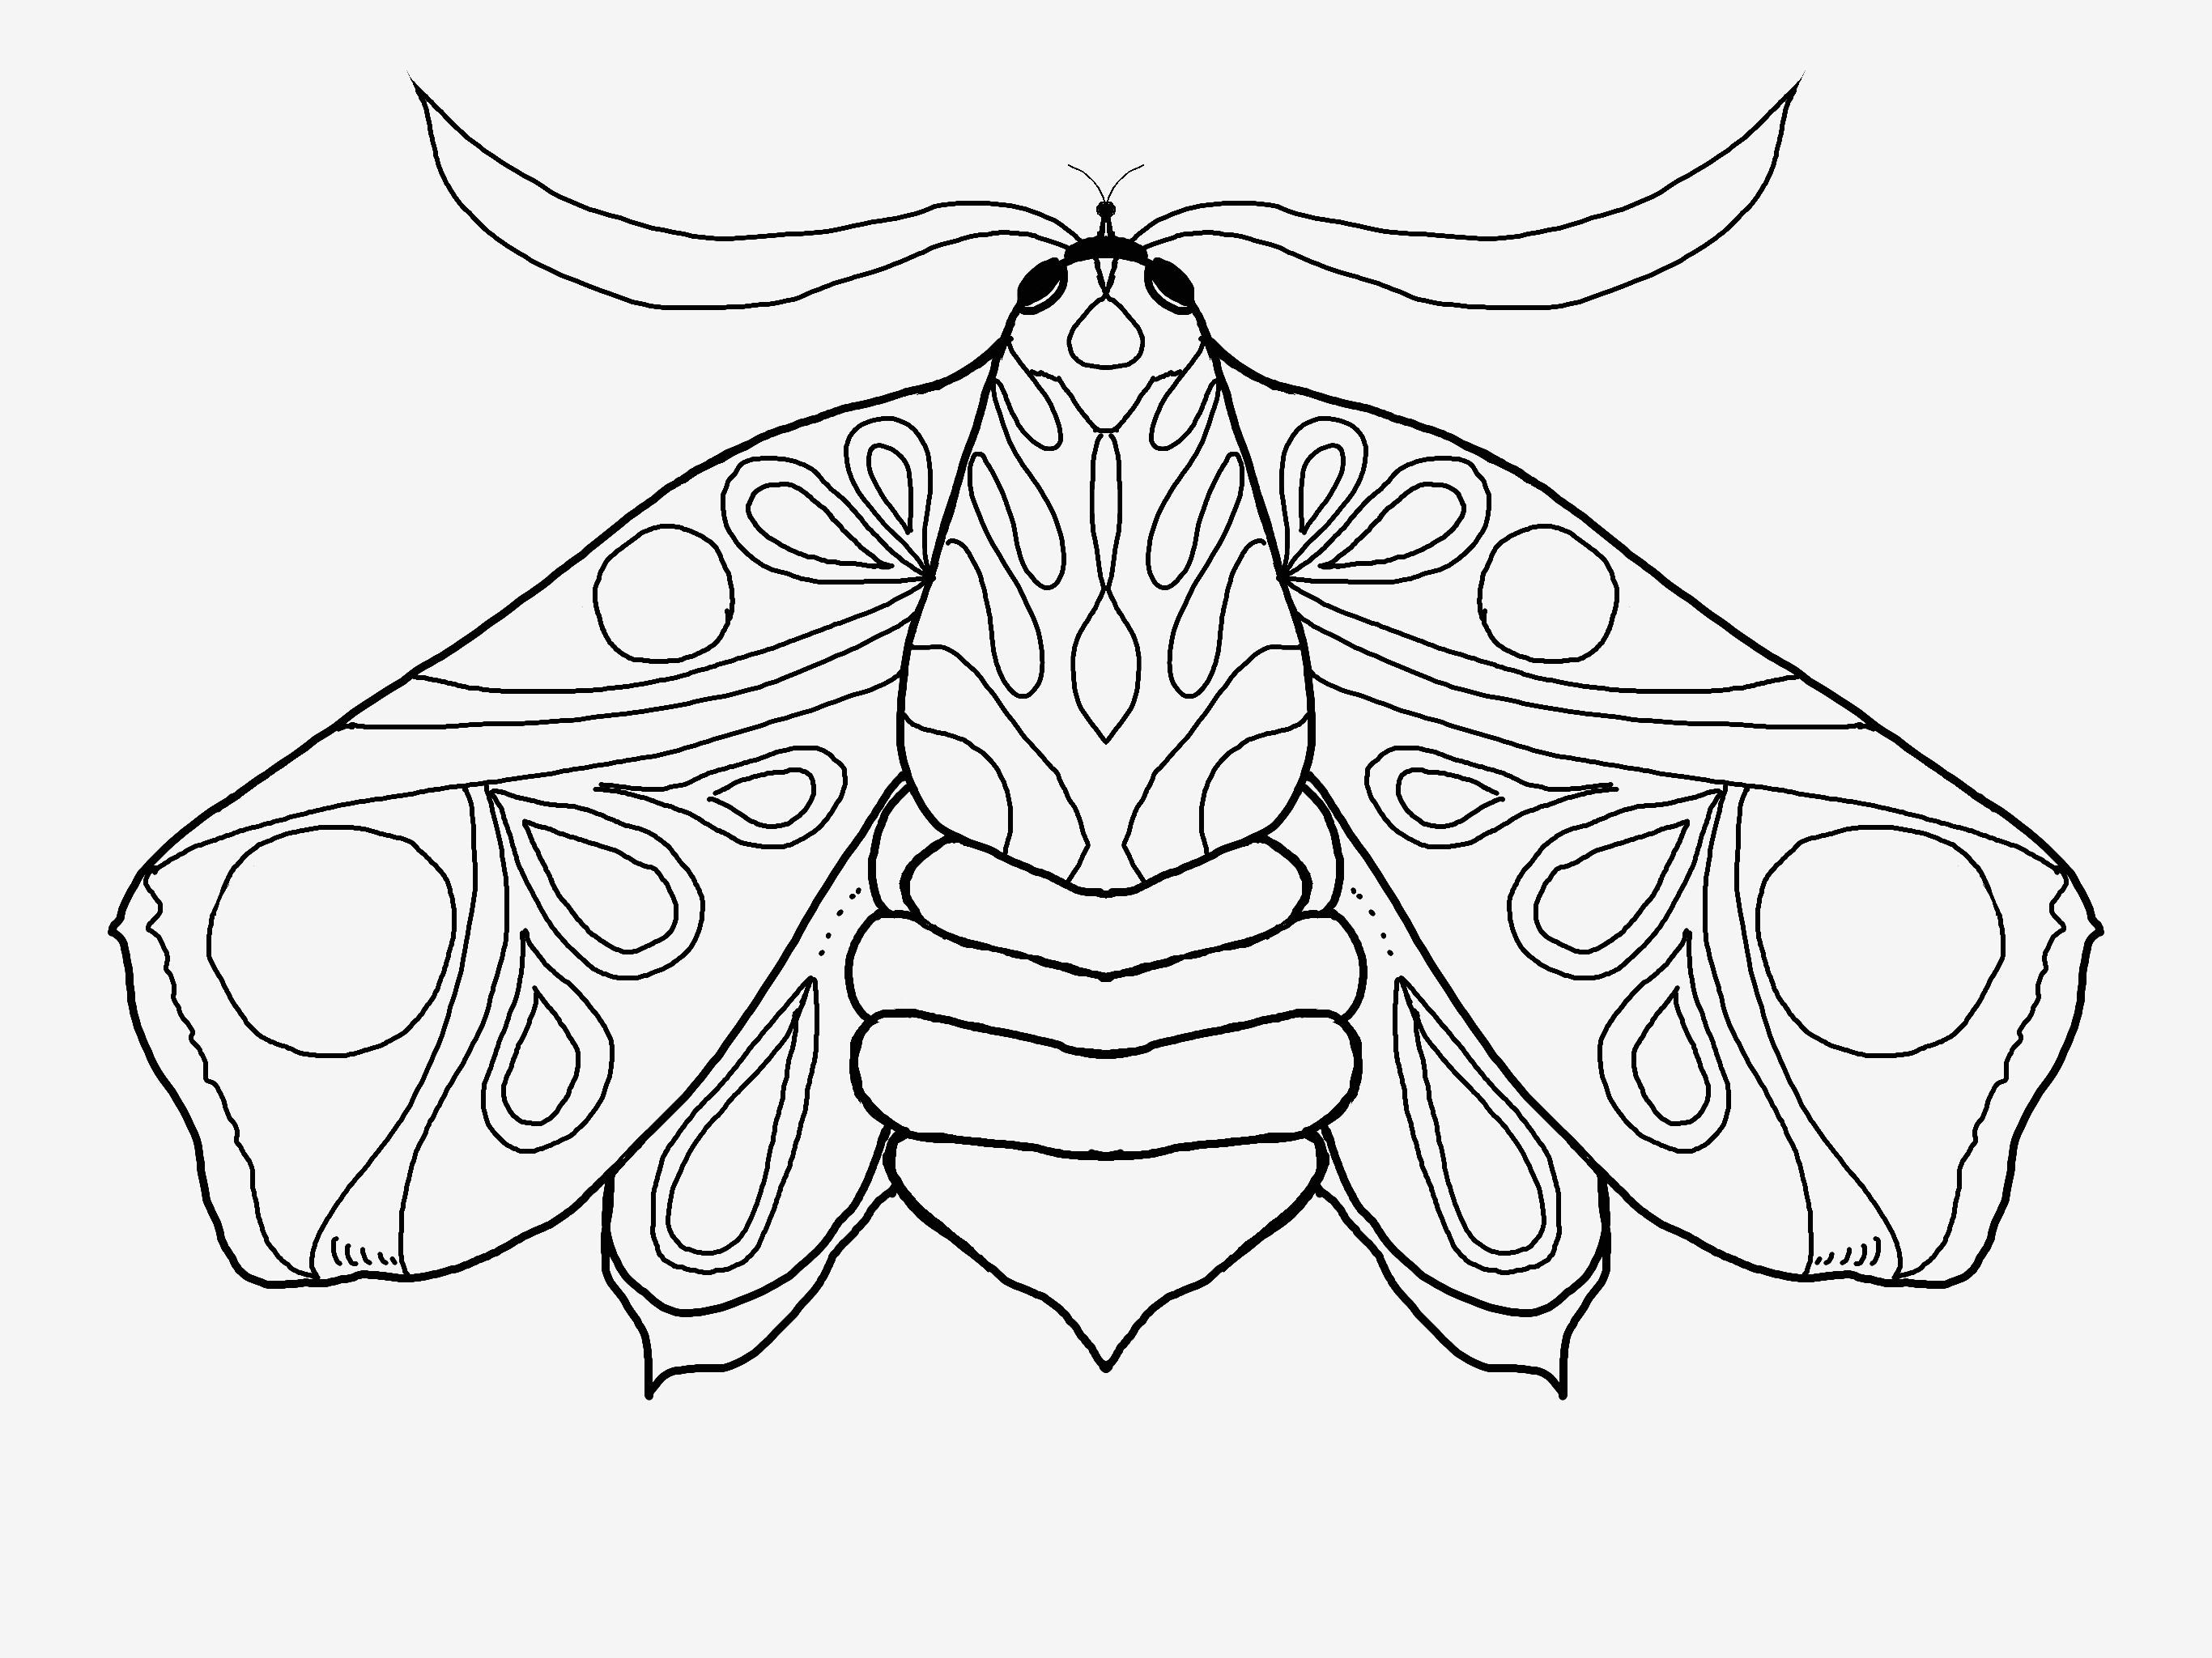 Schmetterling Bilder Zum Ausmalen Das Beste Von Verschiedene Bilder Färben Schmetterlingsbilder Zum Ausmalen Sammlung